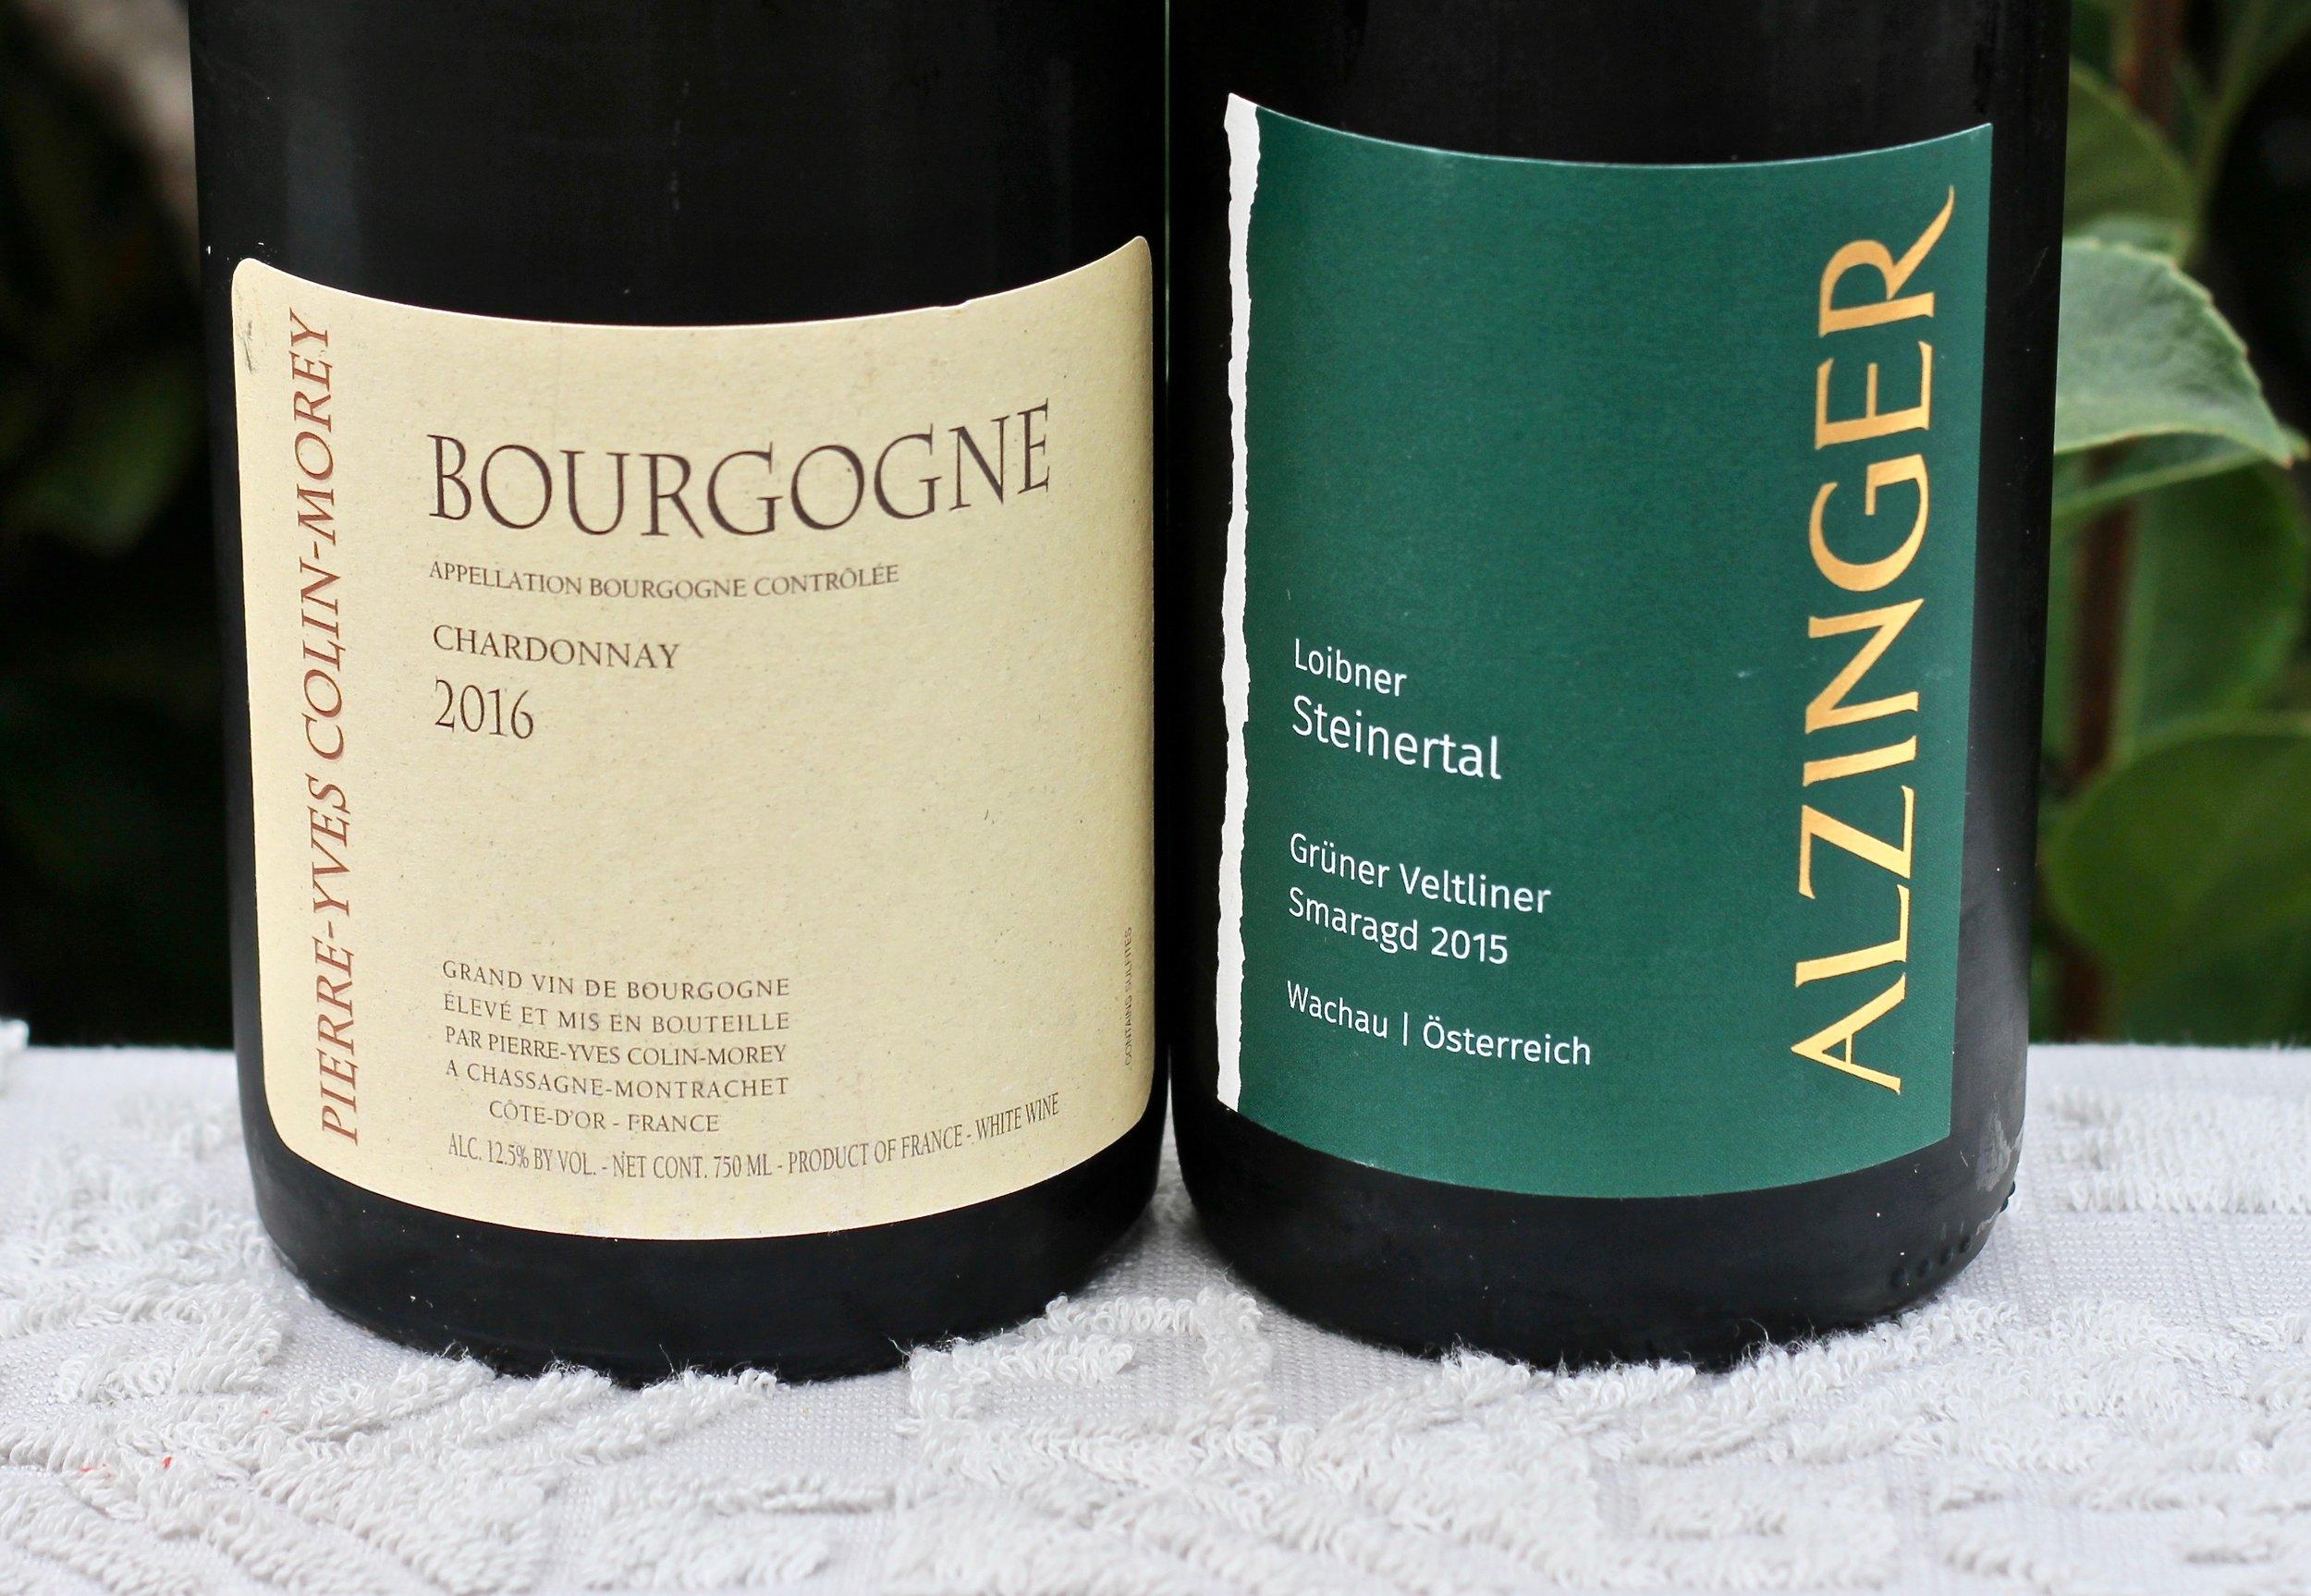 Crisp Whites - 2016 Pierre Yves Colin-Morey Bourgogne Blanc2015 Alzinger Loibner Steinertal Grüner Veltliner Smaragd